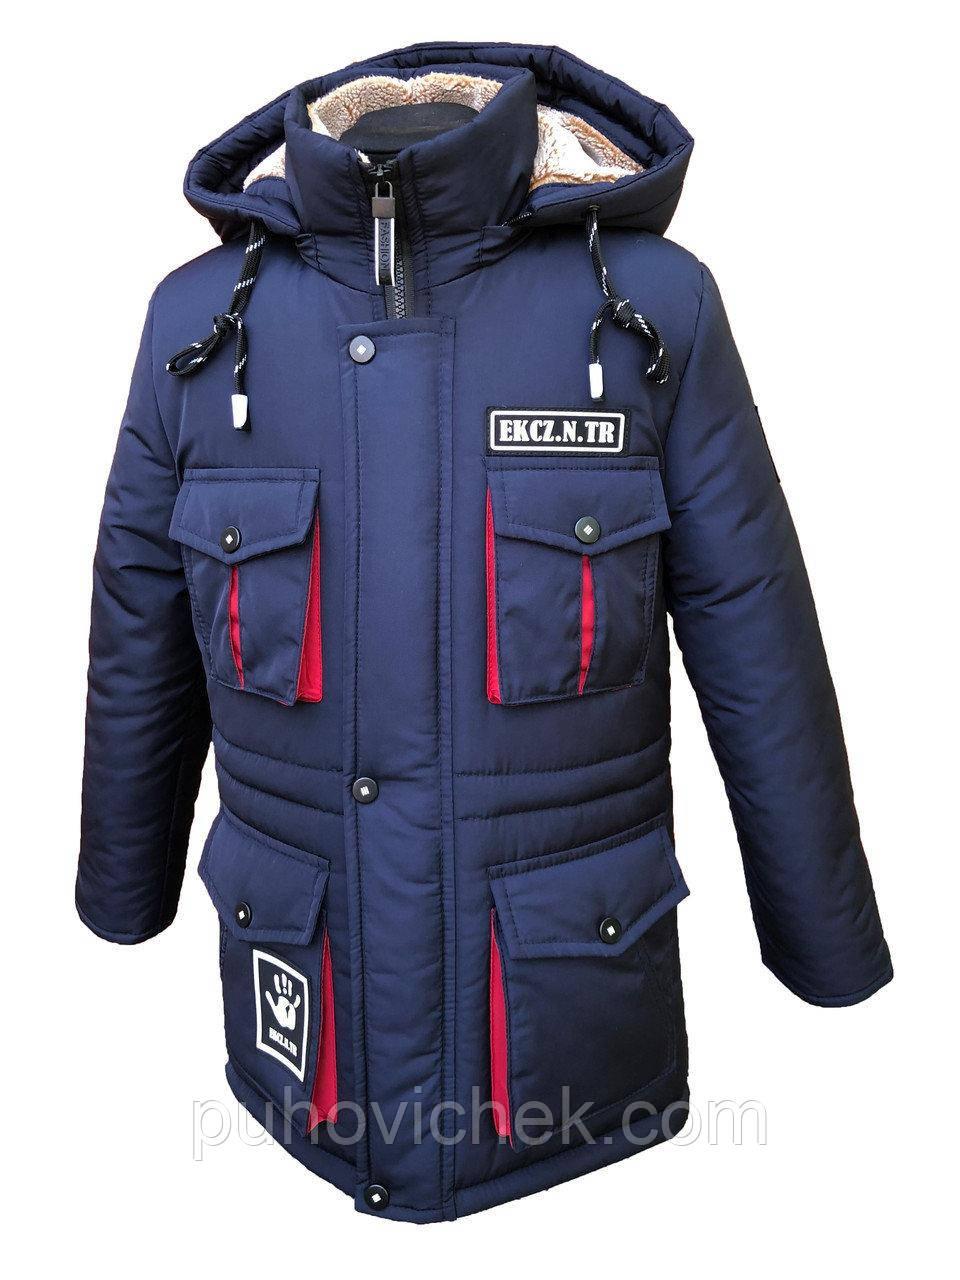 Зимову куртку для хлопчика підлітка на овчинка